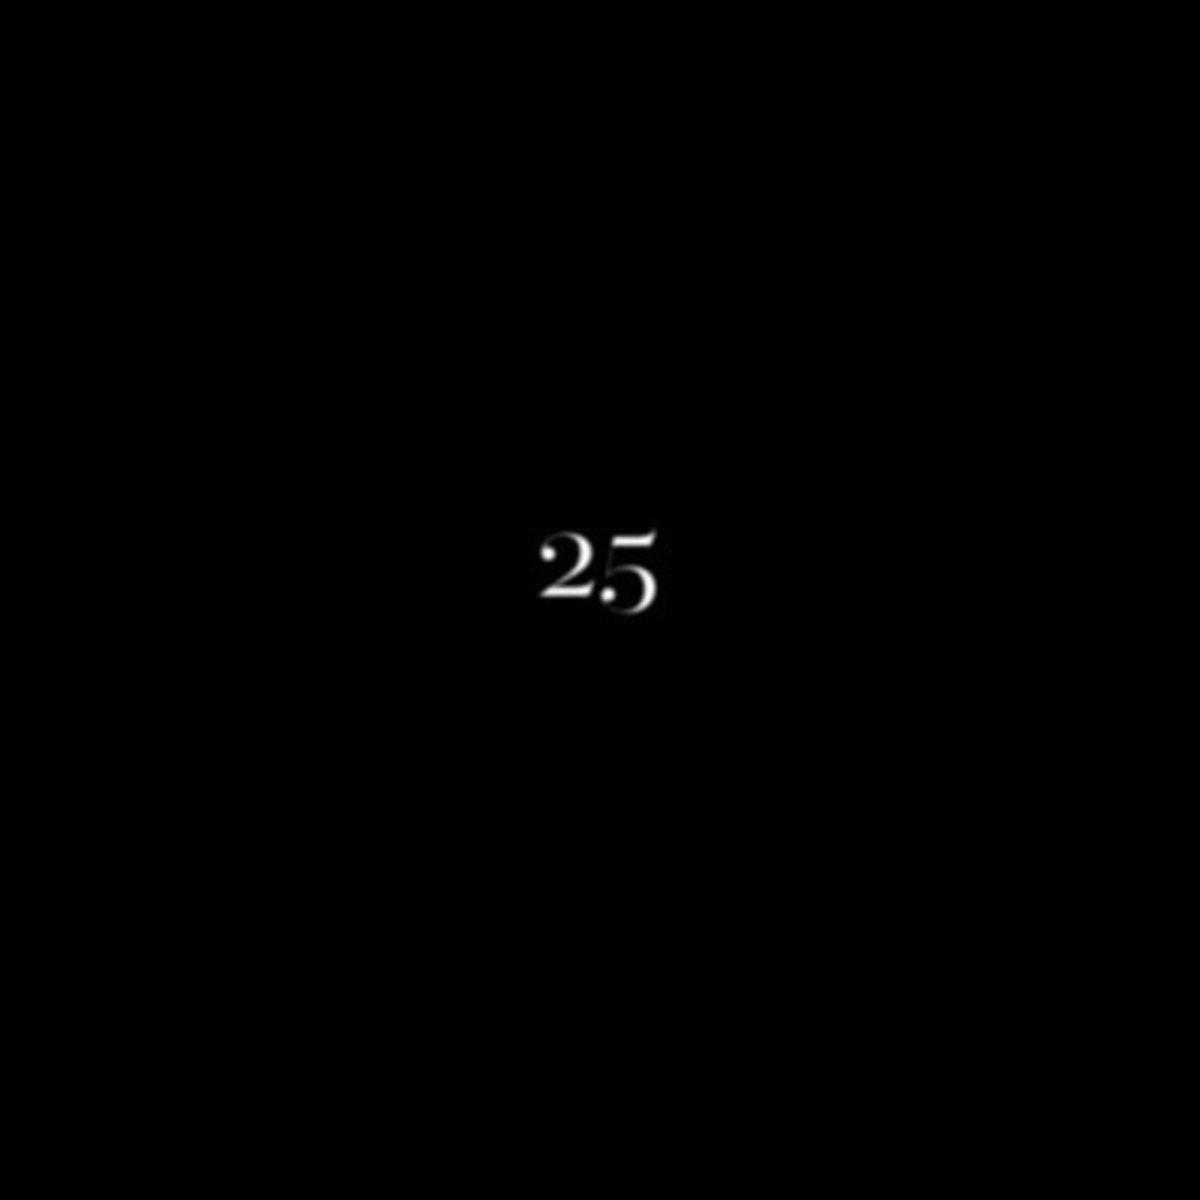 eae-25.jpg